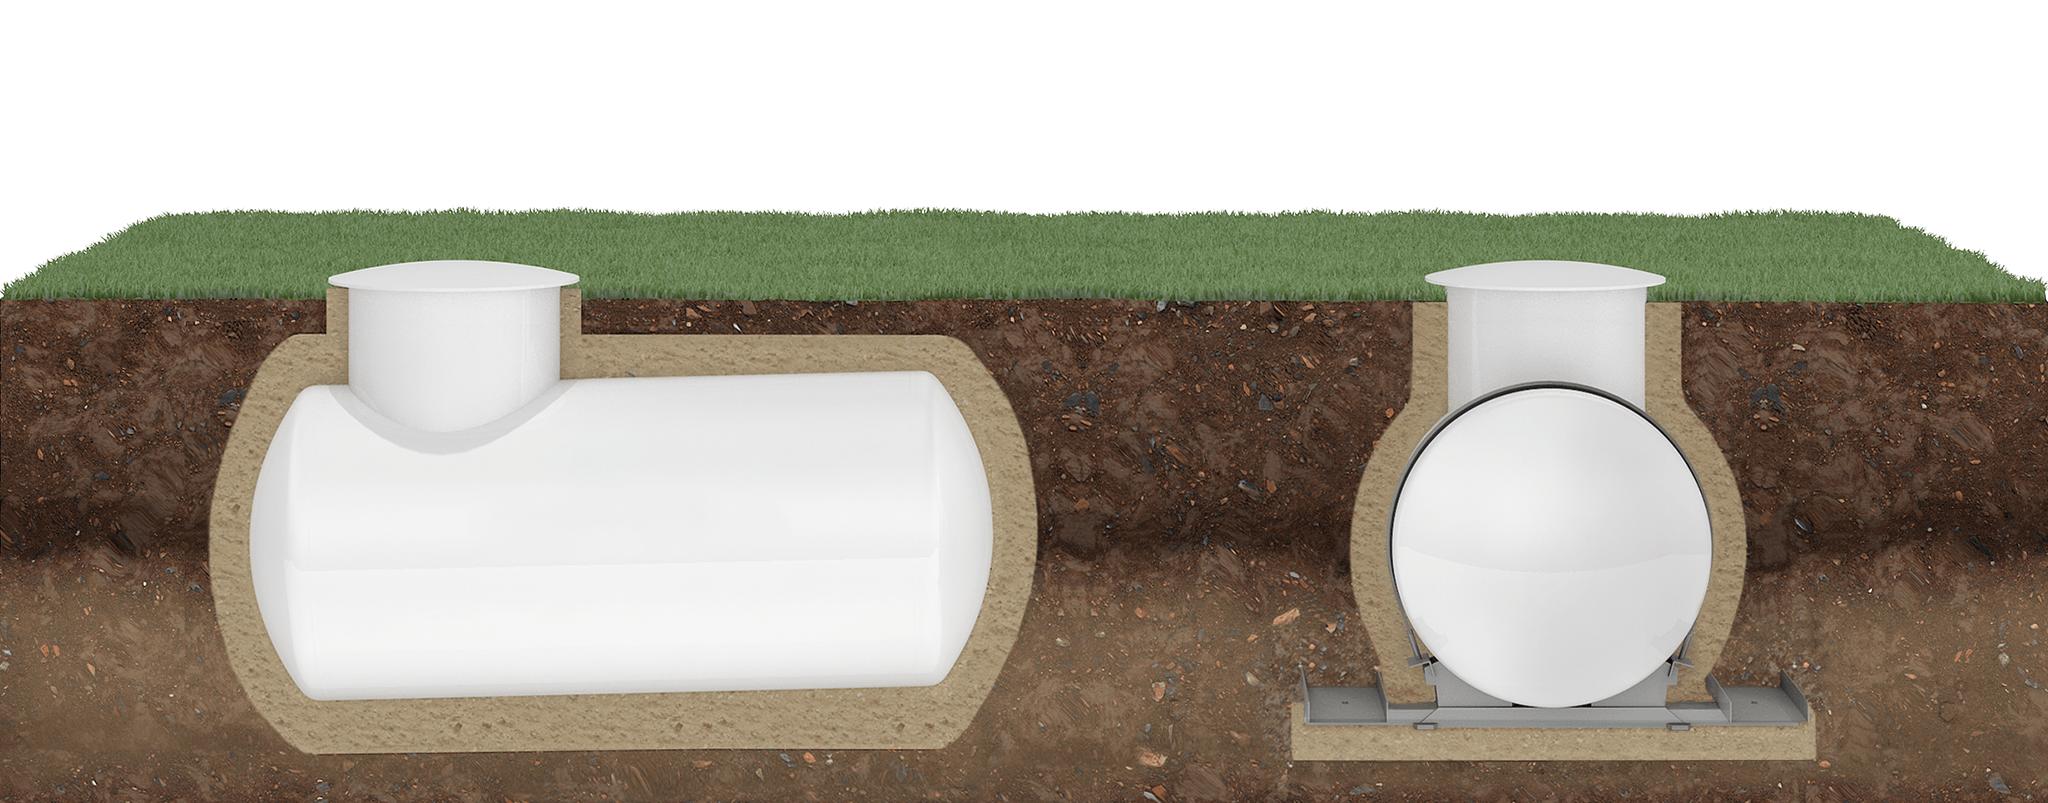 Modell eines unterirdisch installierten Flüssiggastanks in Seitenansicht und in Frontansicht mit ausklappbarer Auftriebssicherung.